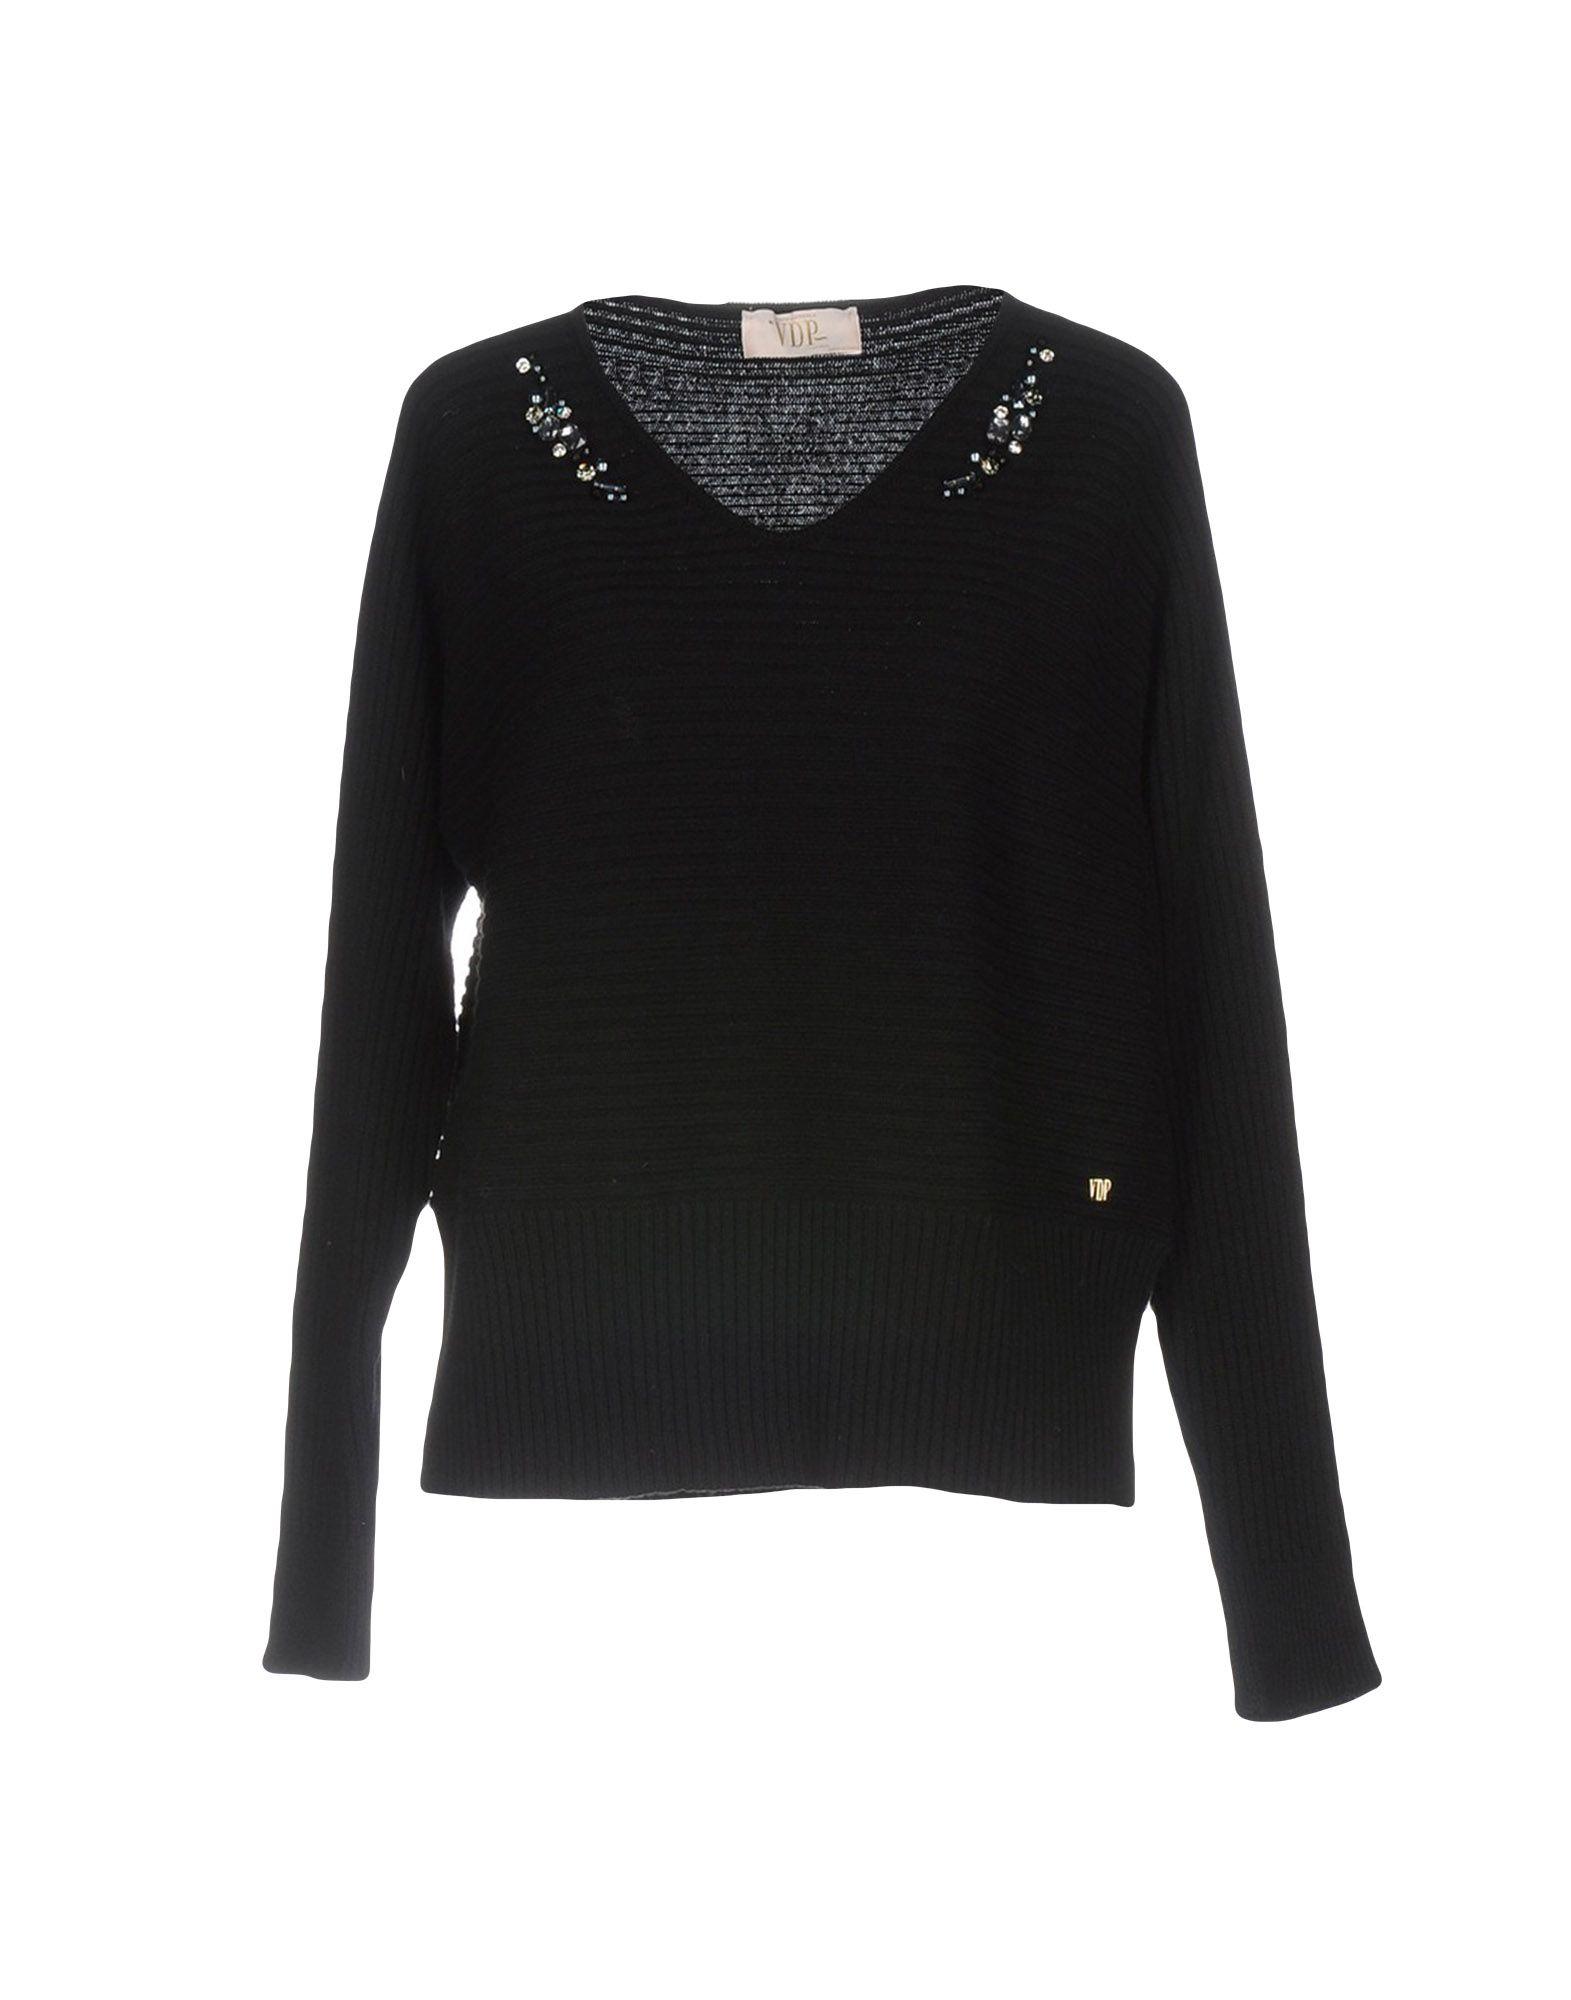 VDP COLLECTION Damen Pullover Farbe Schwarz Größe 5 jetztbilligerkaufen